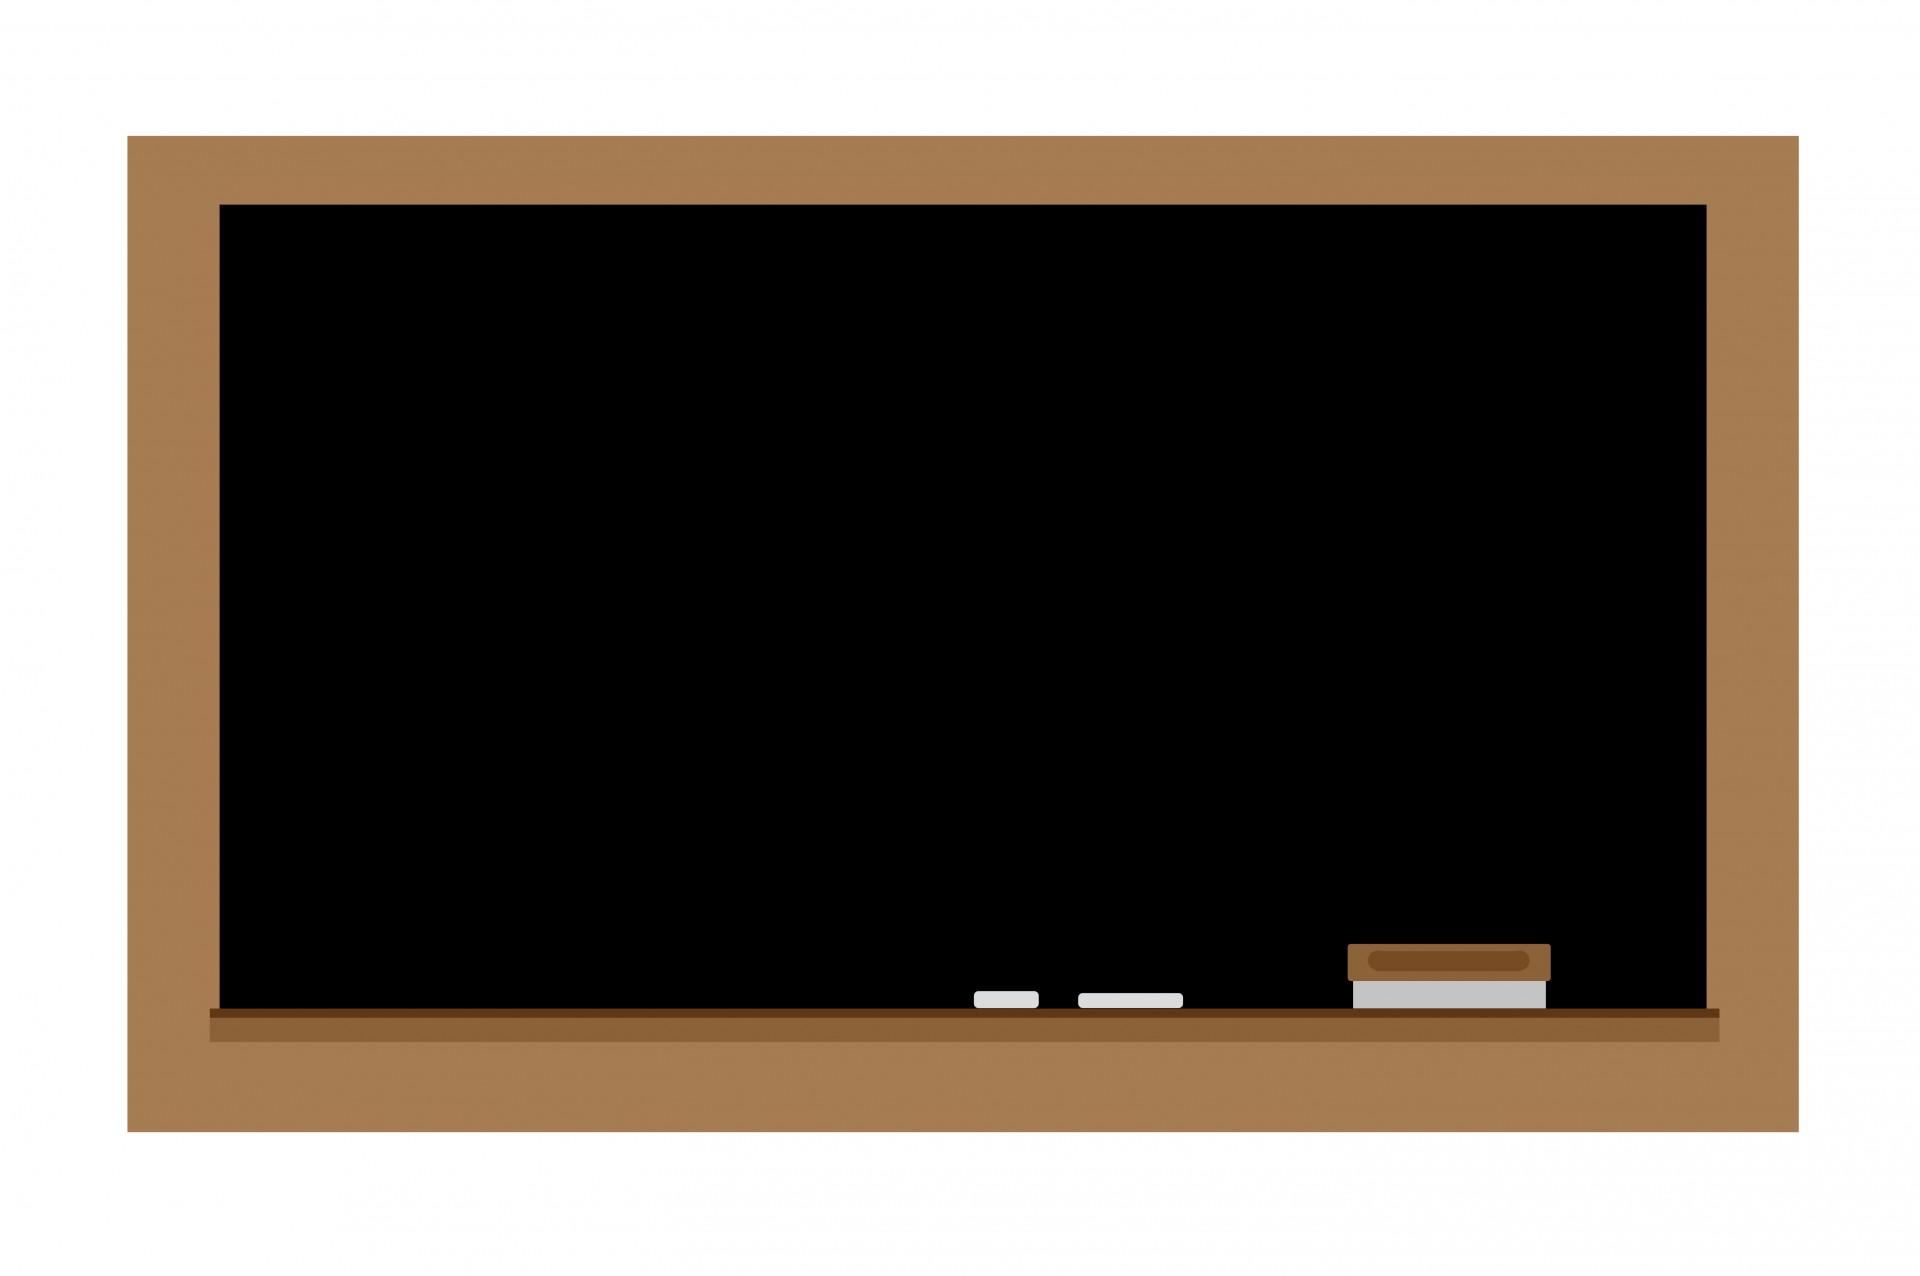 School free stock photo. Blackboard clipart blank chalkboard